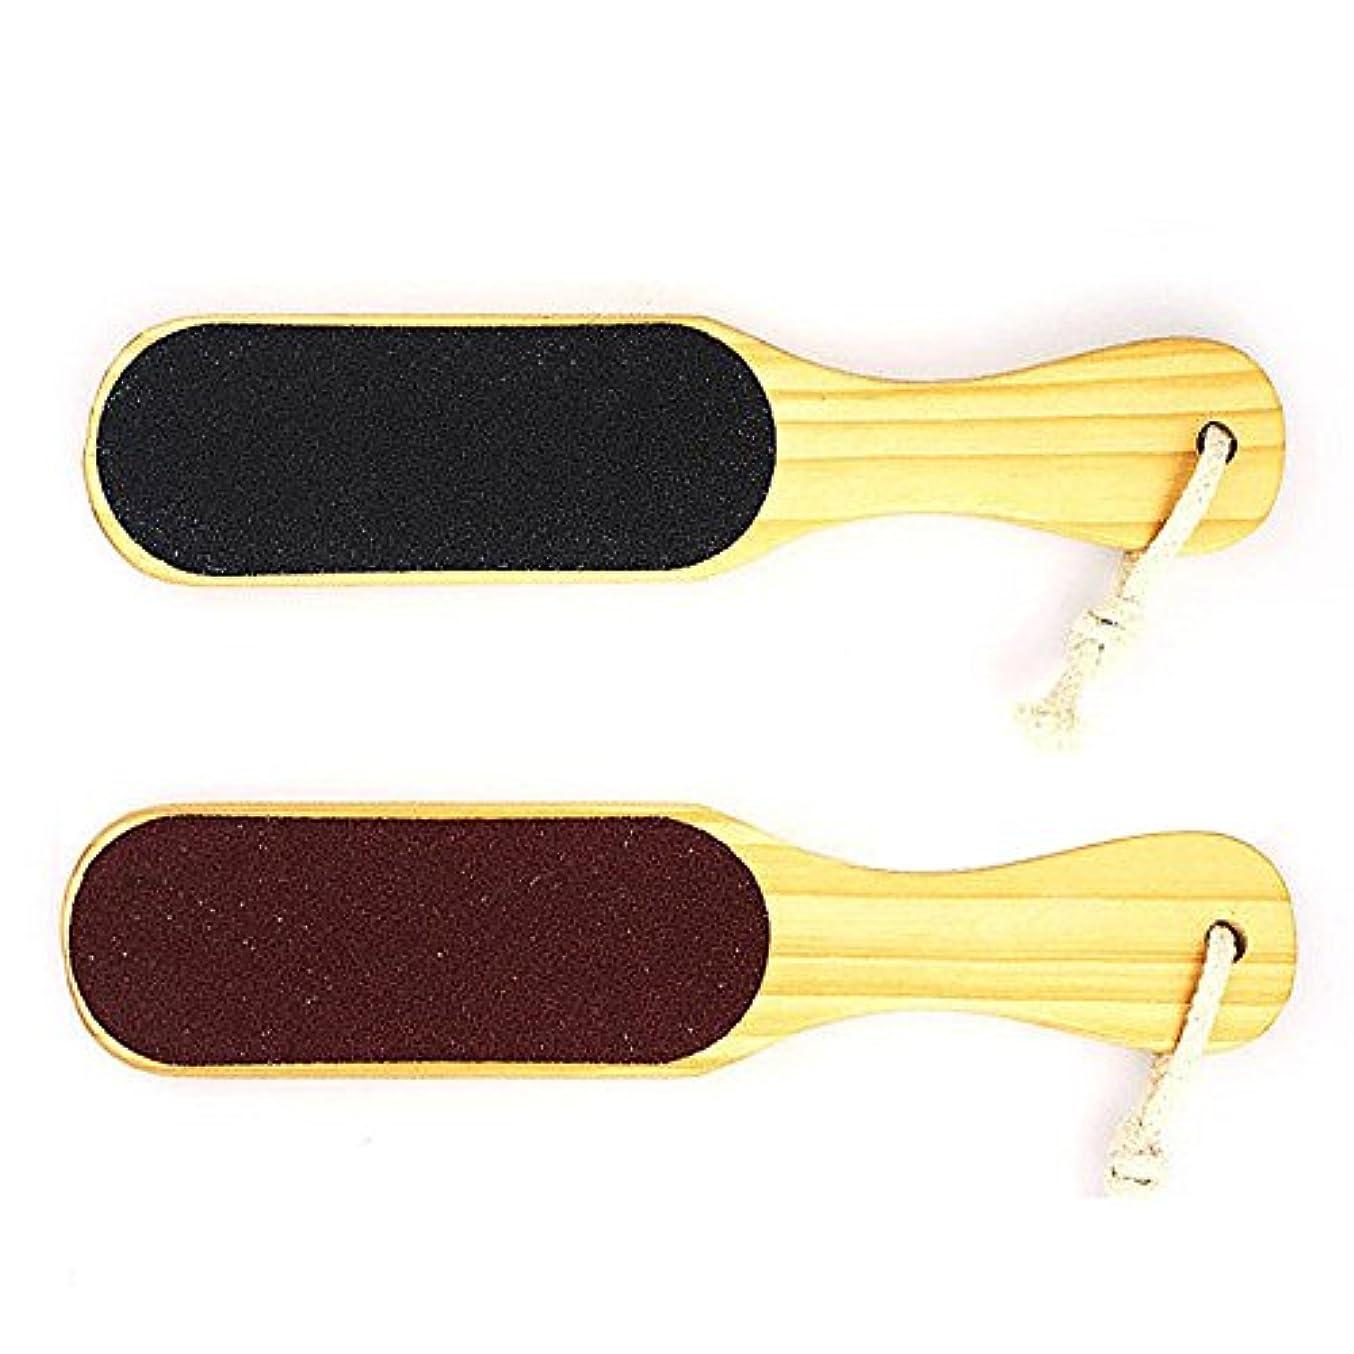 Finlon 多機能 ツインヘッド角質取り器 足裏 角質除去 かかと 角質ケア かかとケア 足ケア 両面サンドペーパー かかとやすり フット用品